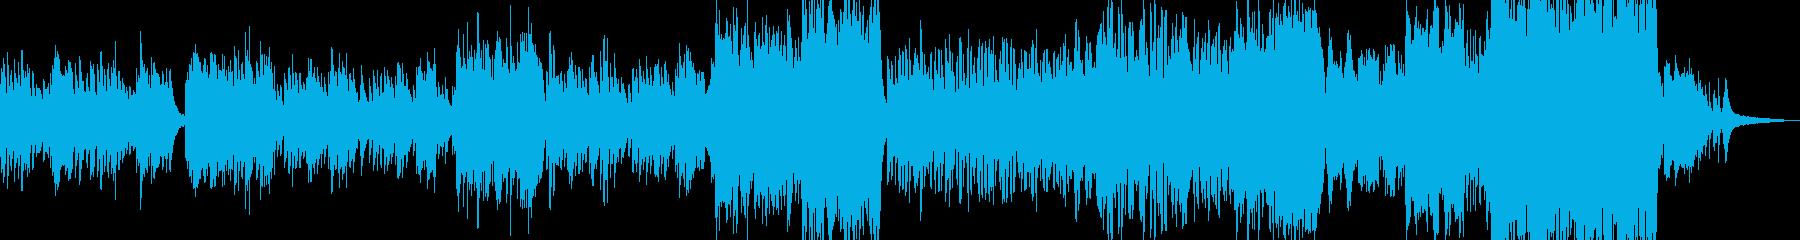 姫チックなワルツ・ストーリー的な展開 Dの再生済みの波形